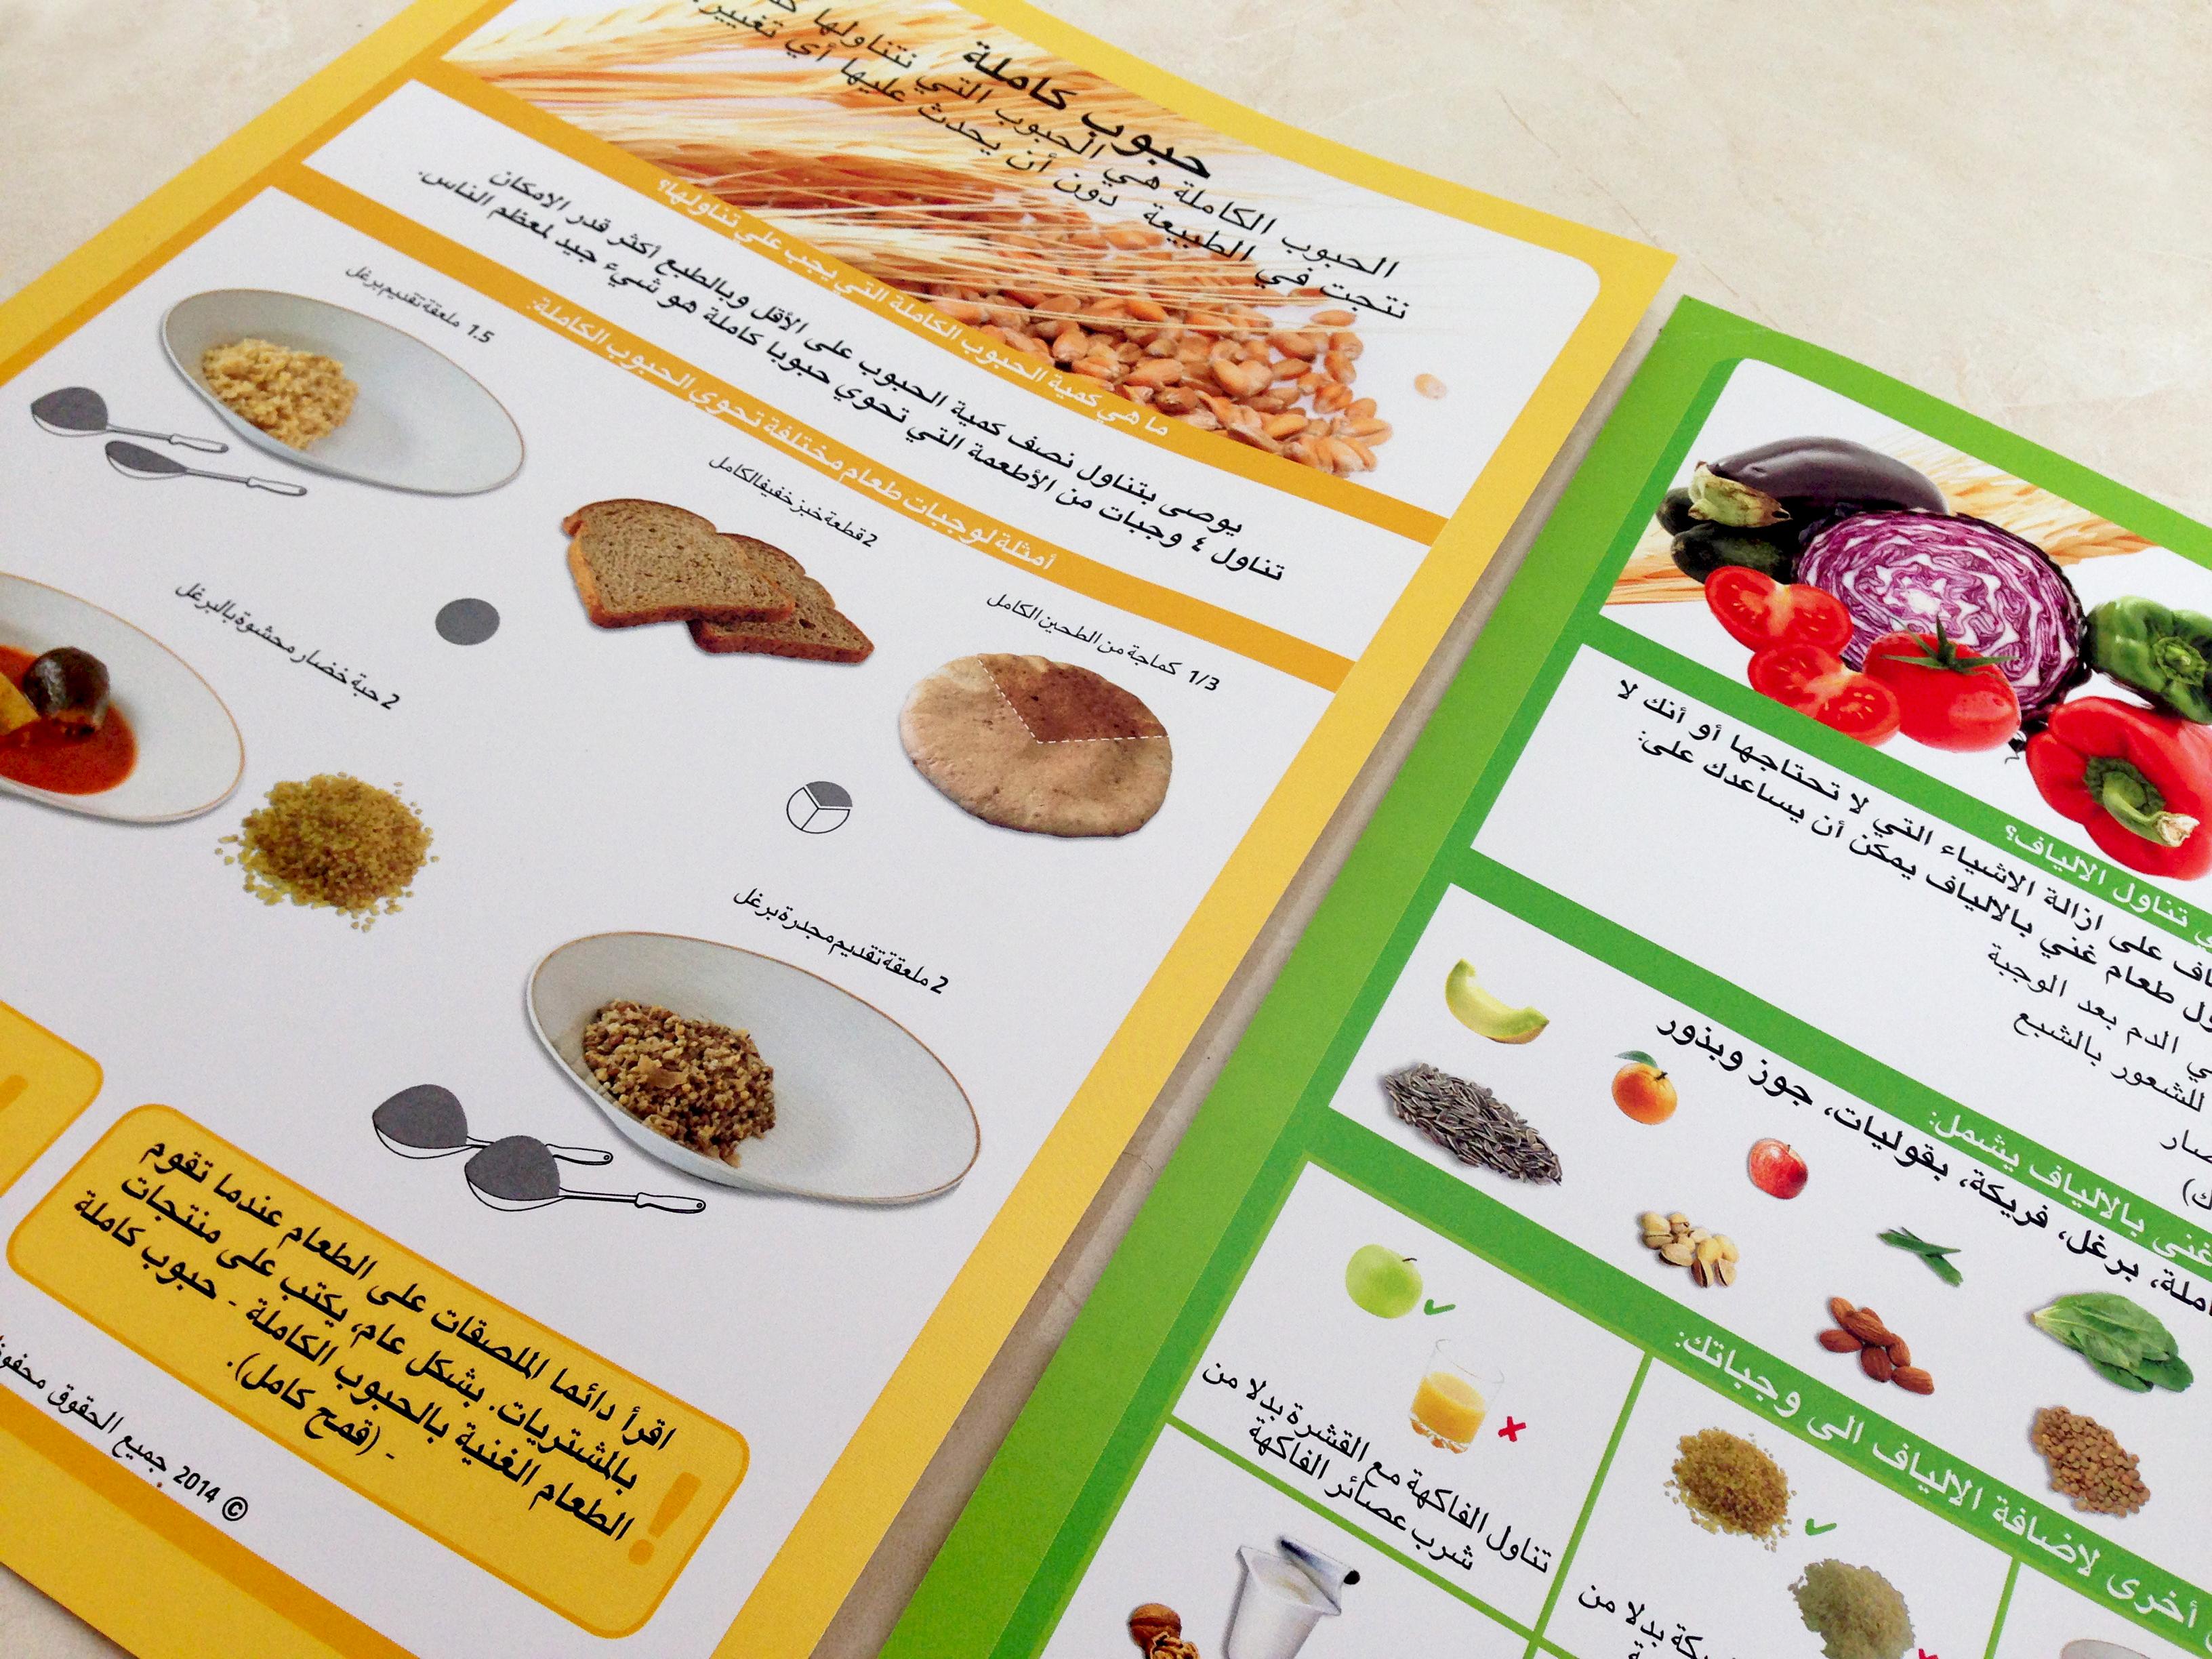 עלוני מידע תזונתיים